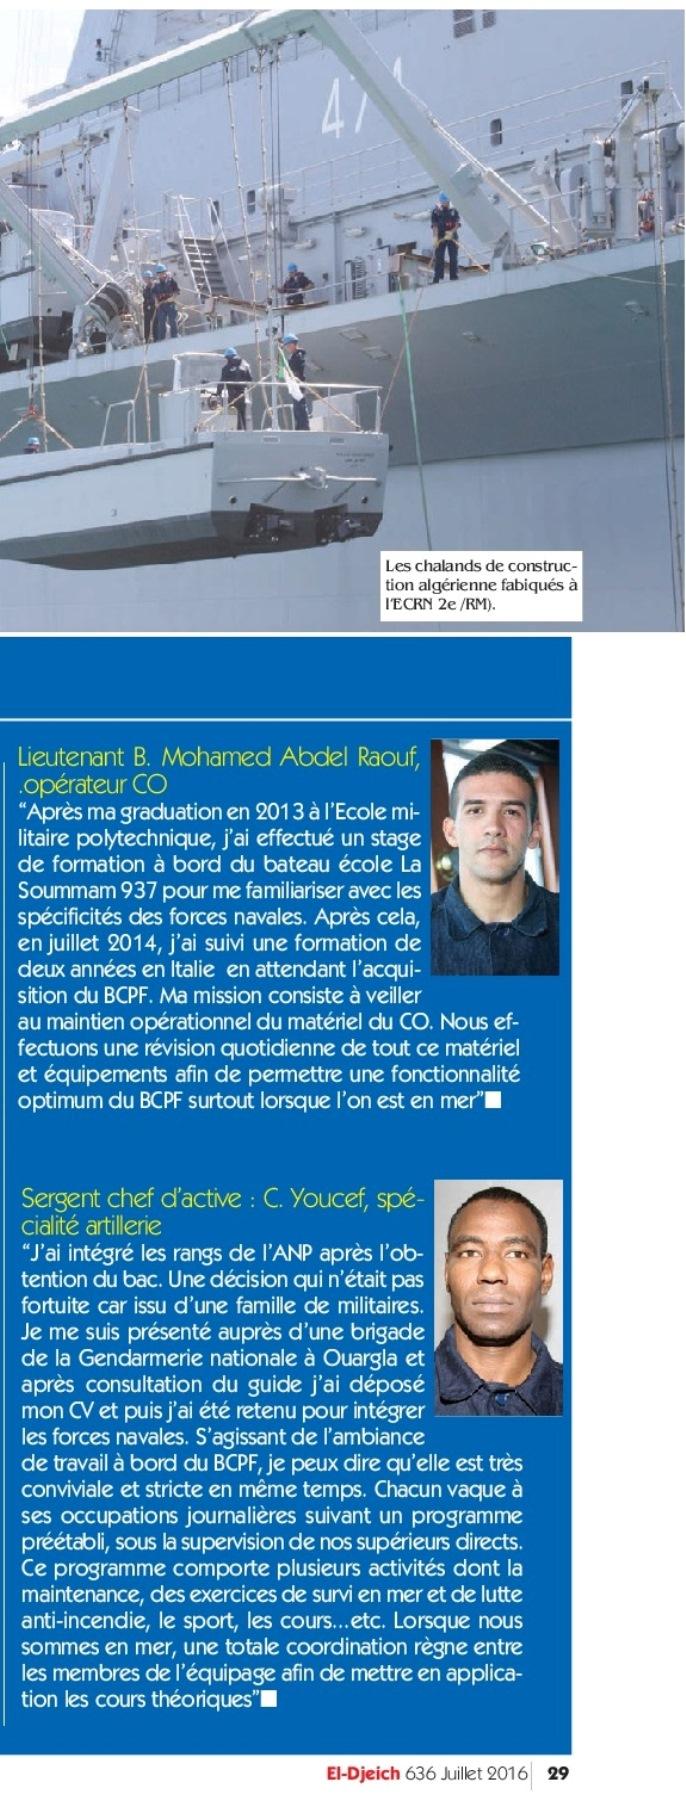 Armée Algérienne (ANP) - Tome XIV - Page 37 28352727945_b174cf05ba_o